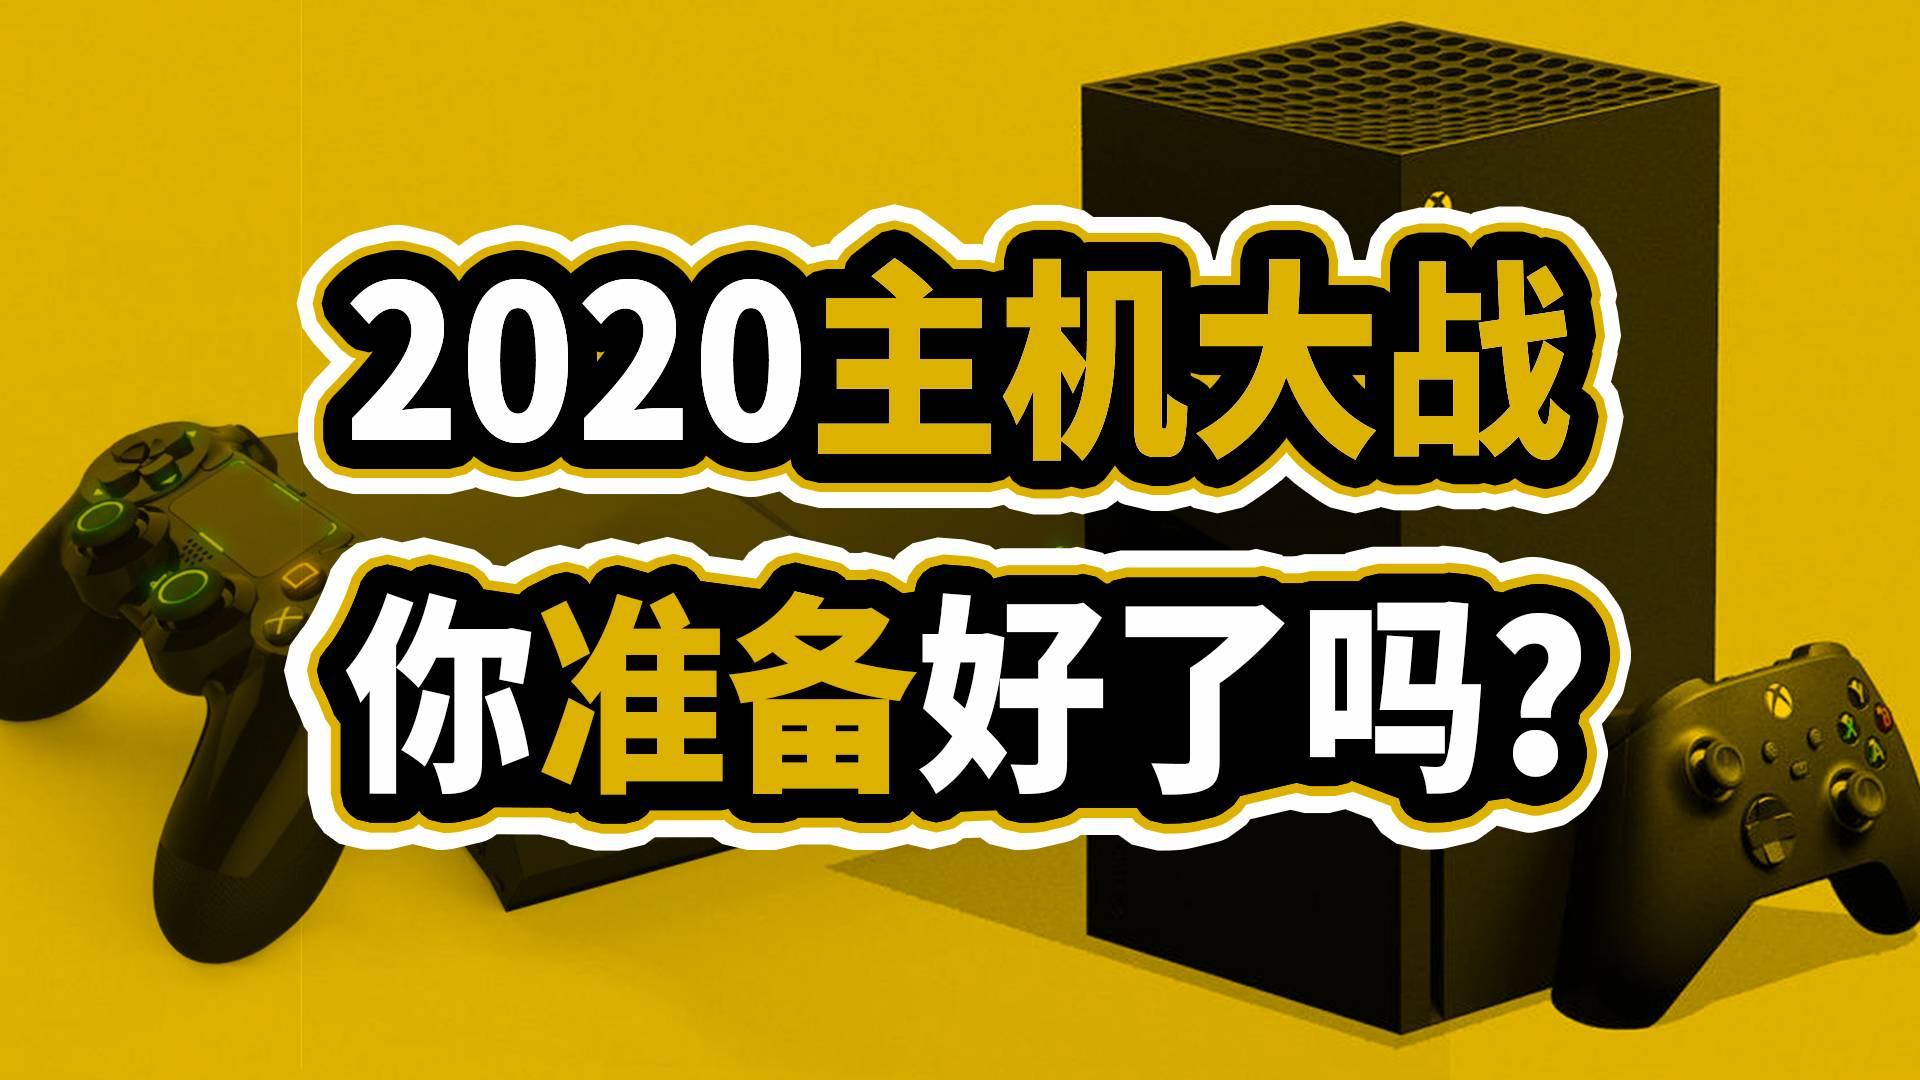 2020游戏主机战幕拉开!你准备好加入哪个阵营了吗?【聊游戏】